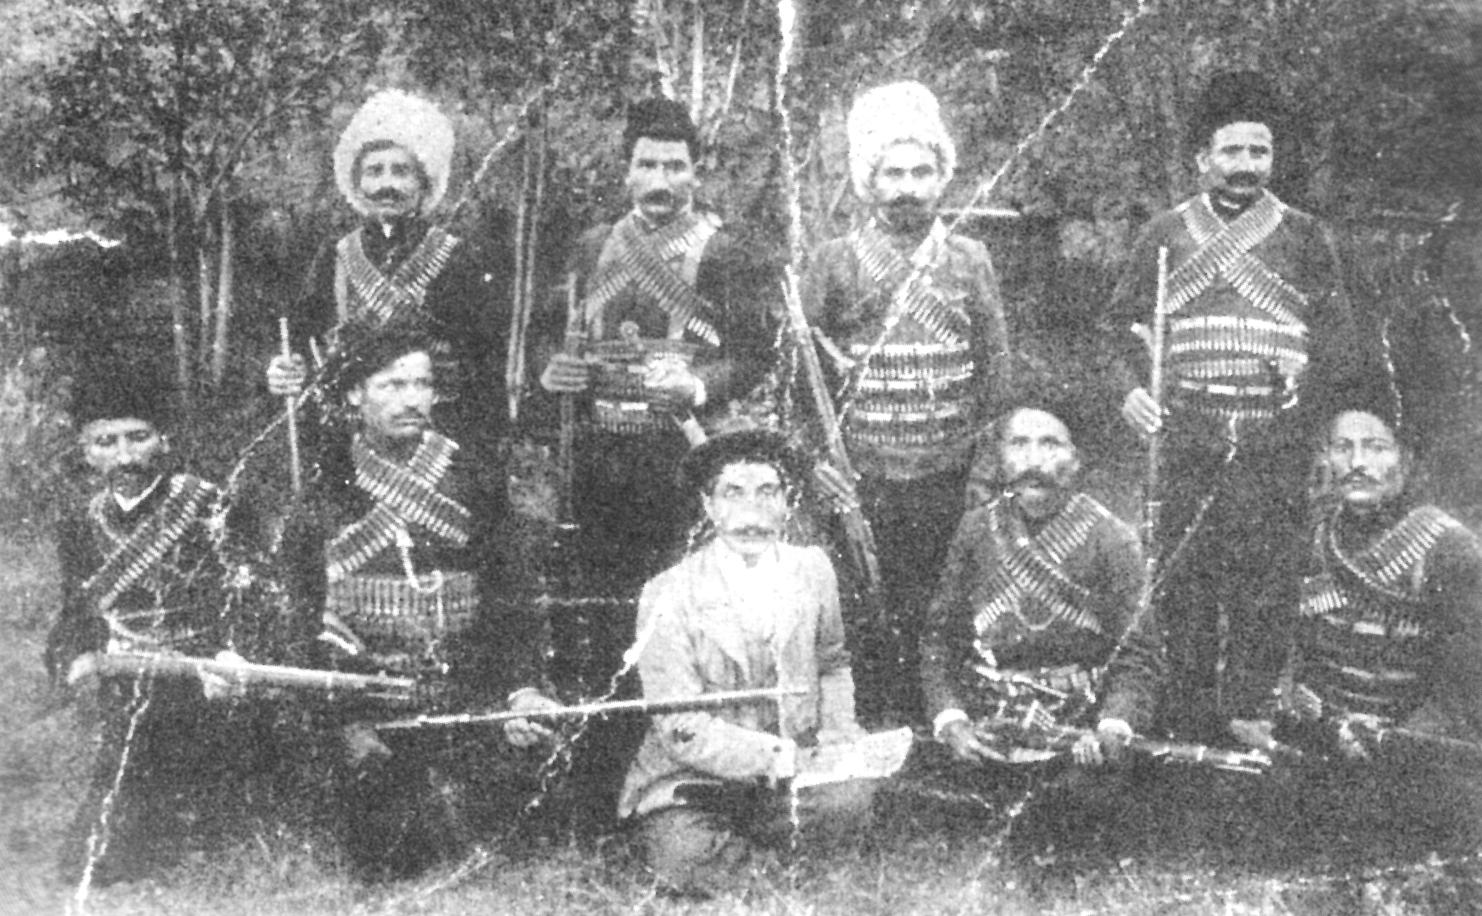 2012-12-26_Fransız kumandanın dosyasında bulunan Ermeni silahlılar resmi